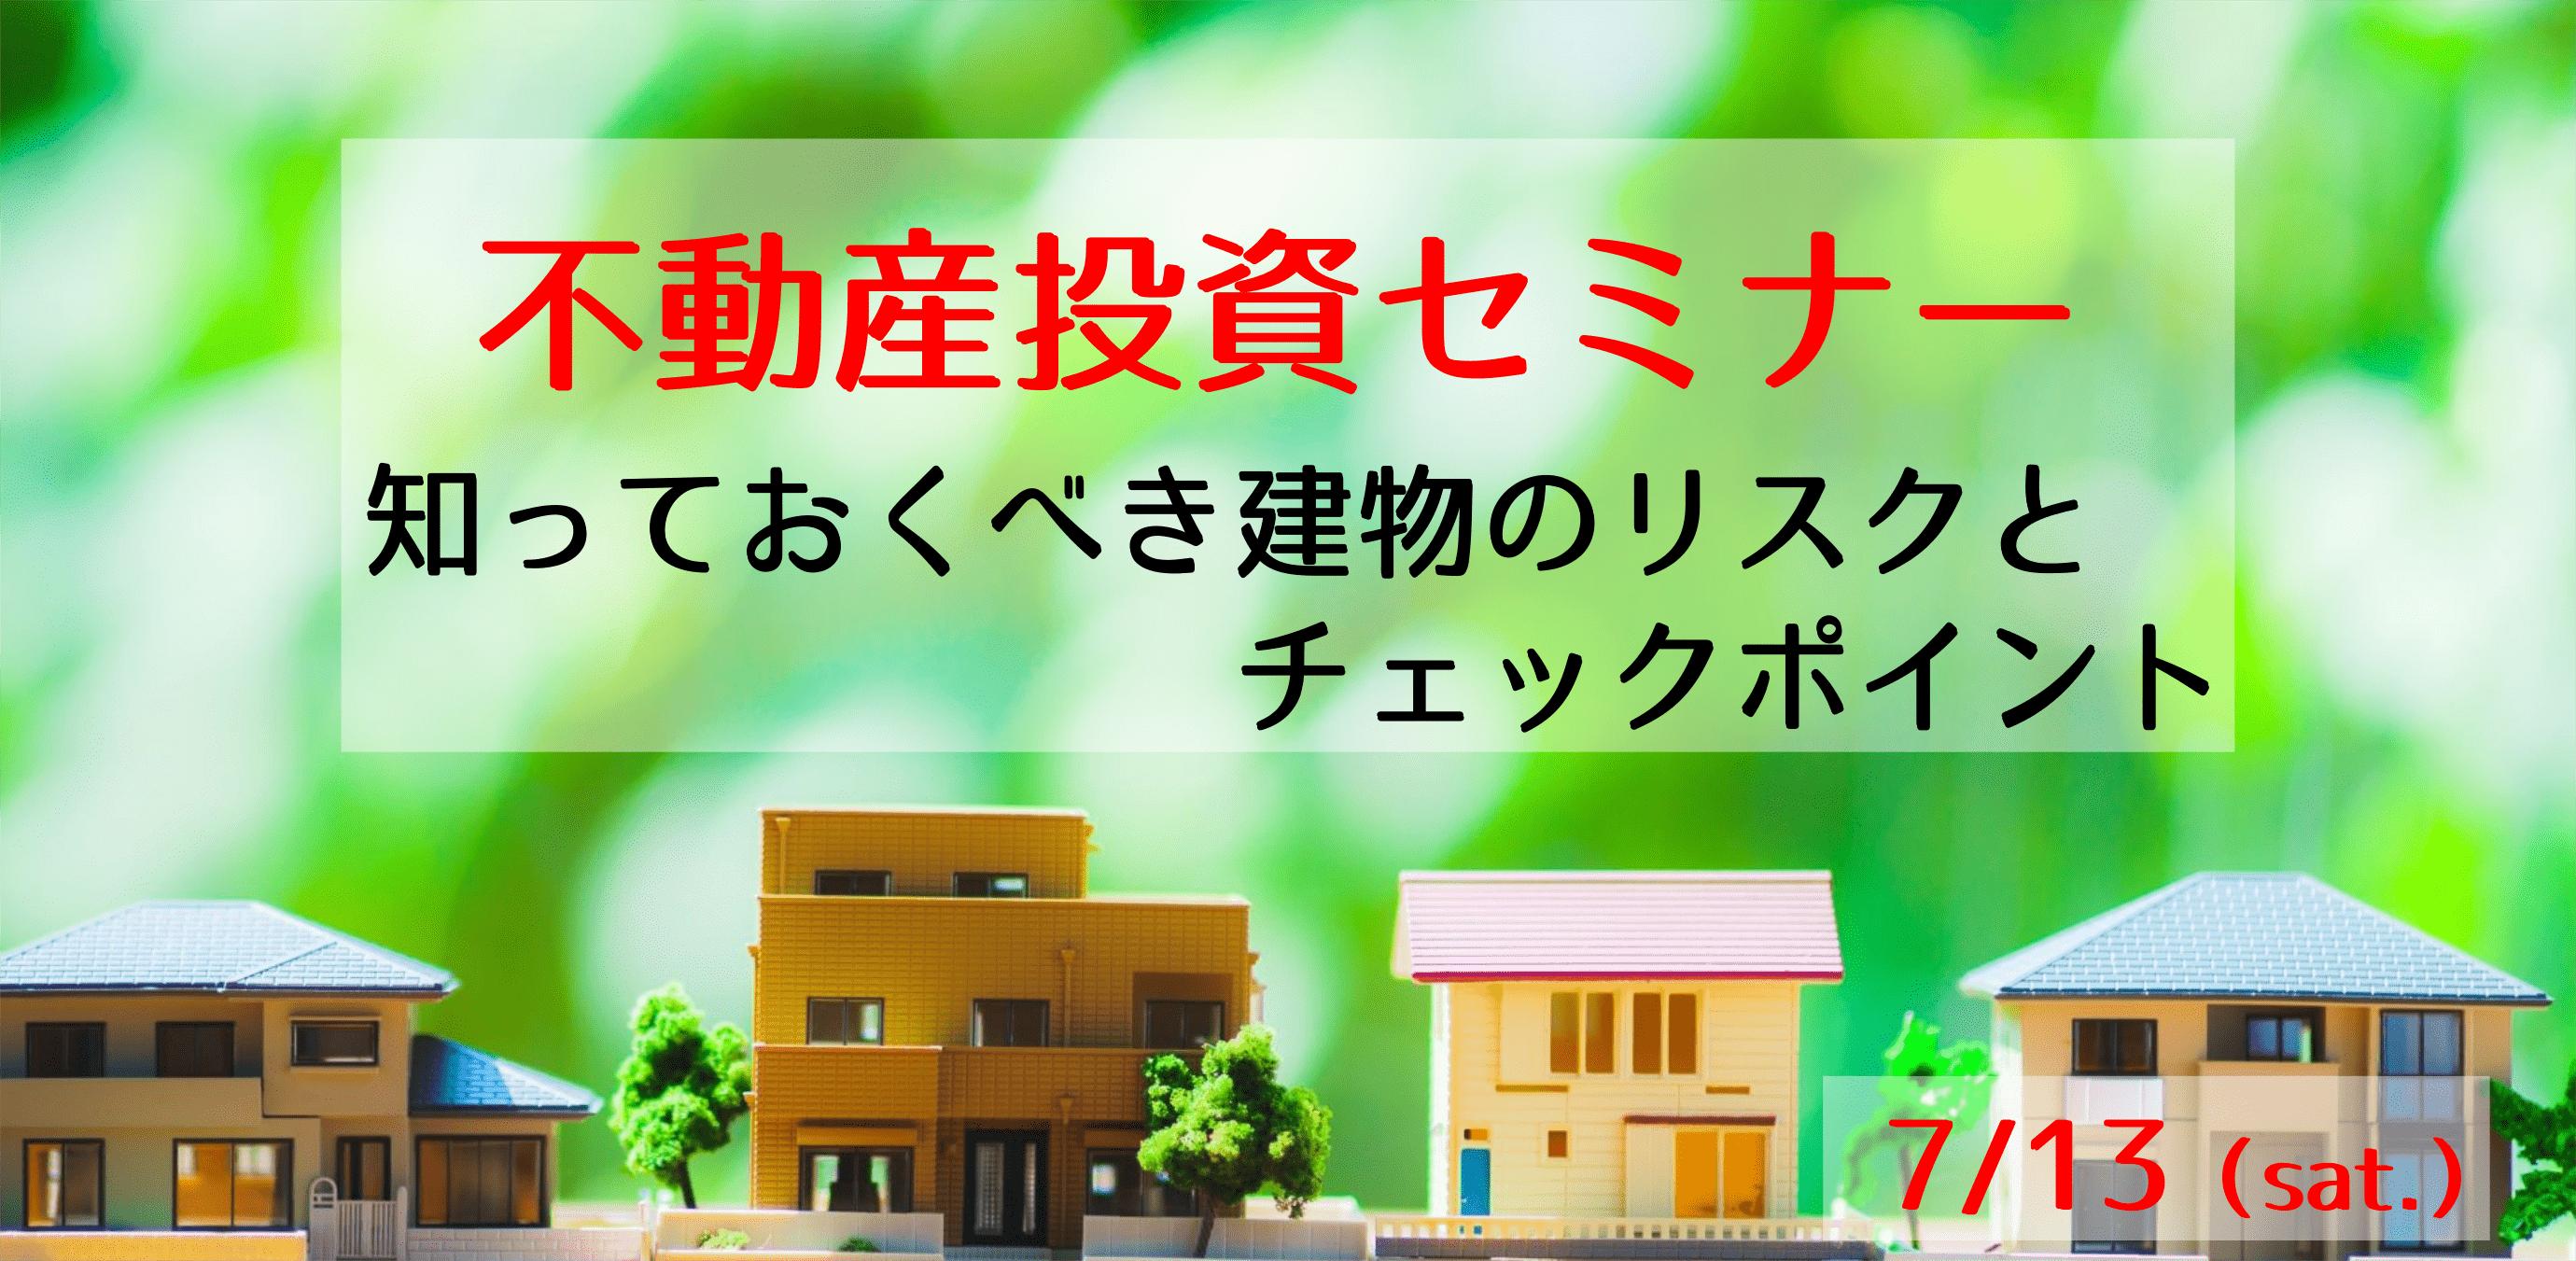 7/13(土)不動産投資セミナー ~知っておくべき建物のリスクとチェックポイント~